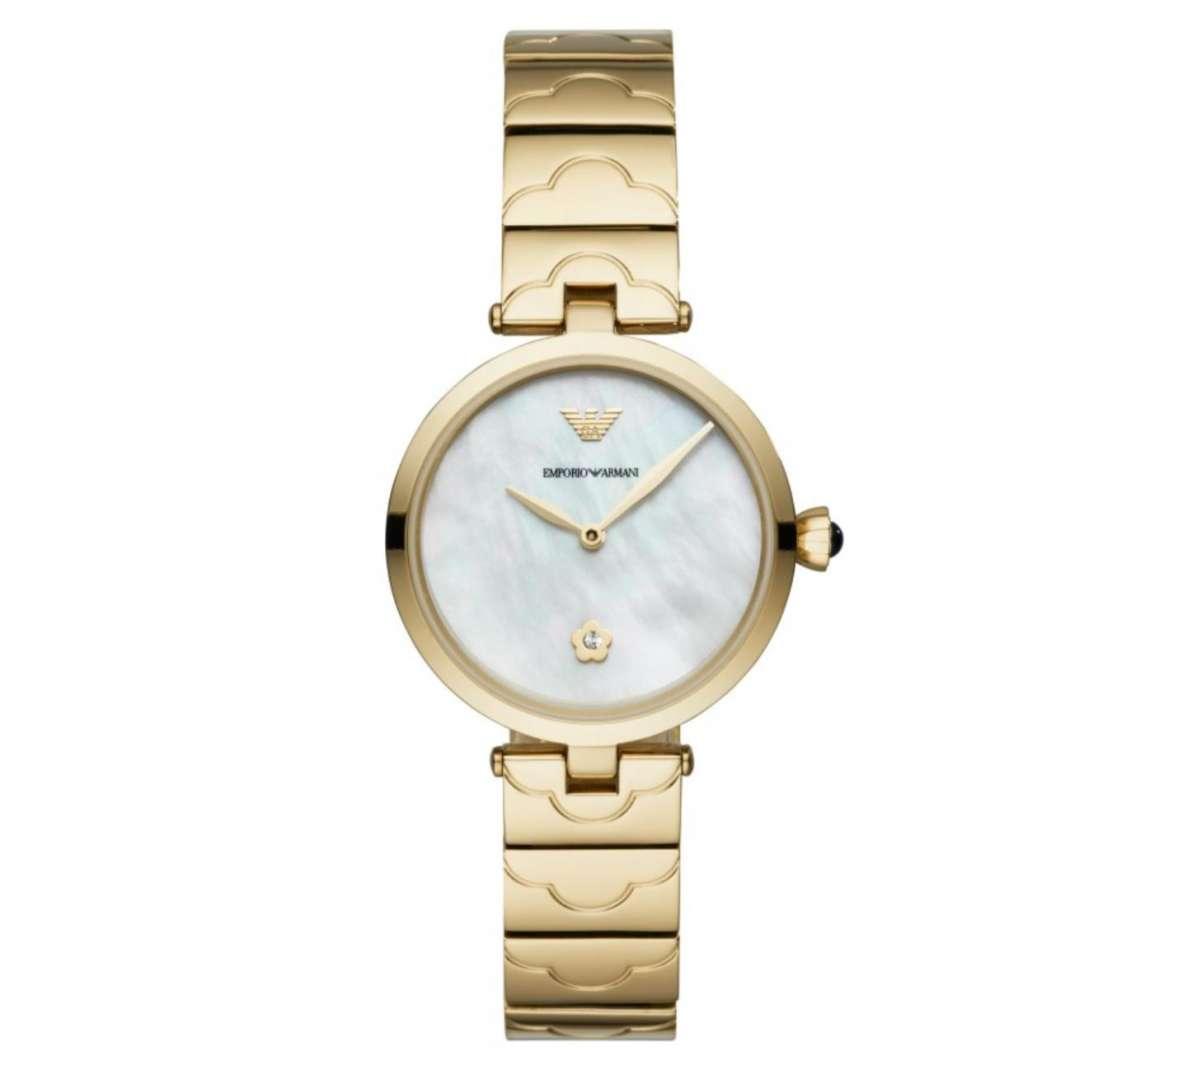 שעון יד אנלוגי לאישה emporio armani ar11198 אמפוריו ארמני